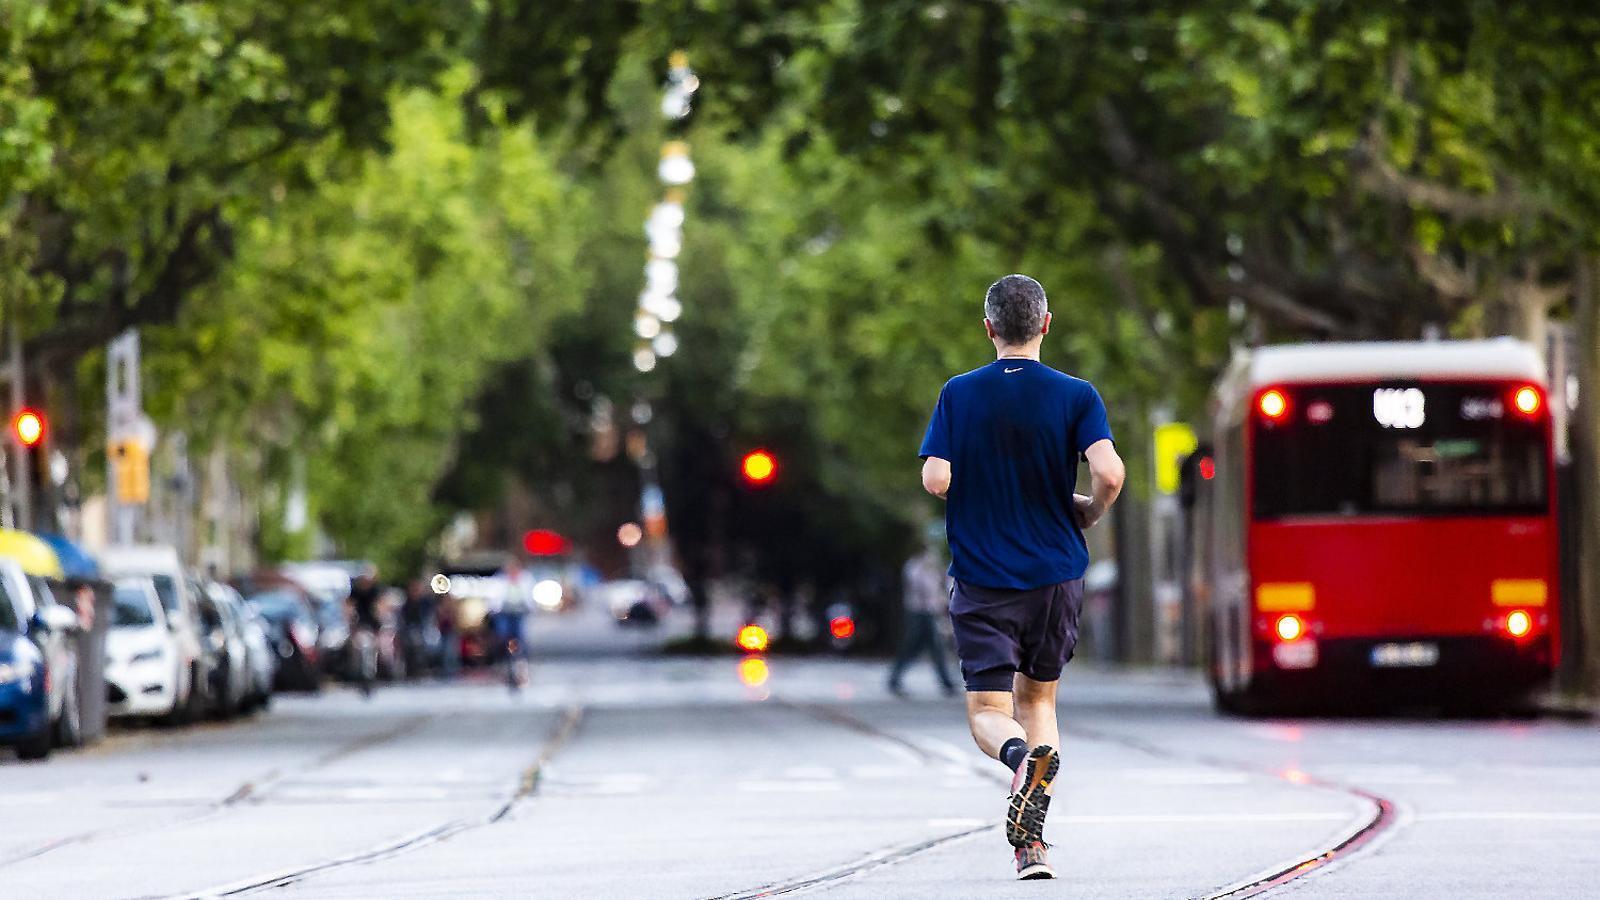 Un home fent esport per l'avinguda Tibidabo de Barcelona durant la franja horària permesa.